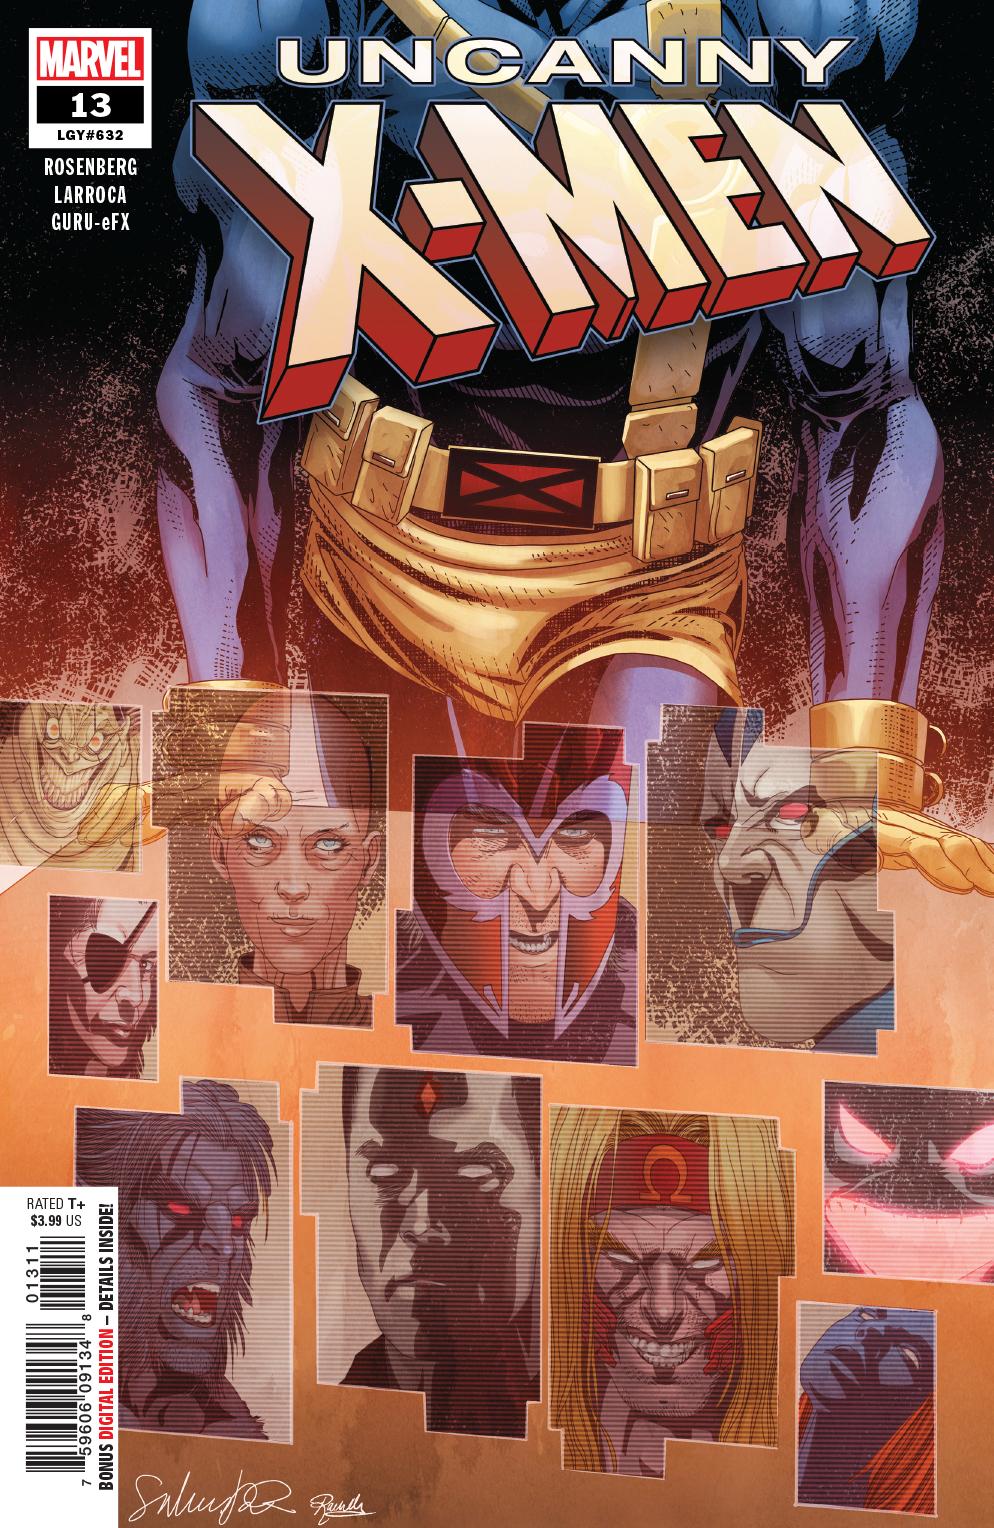 Uncanny X-Men #13.jpg